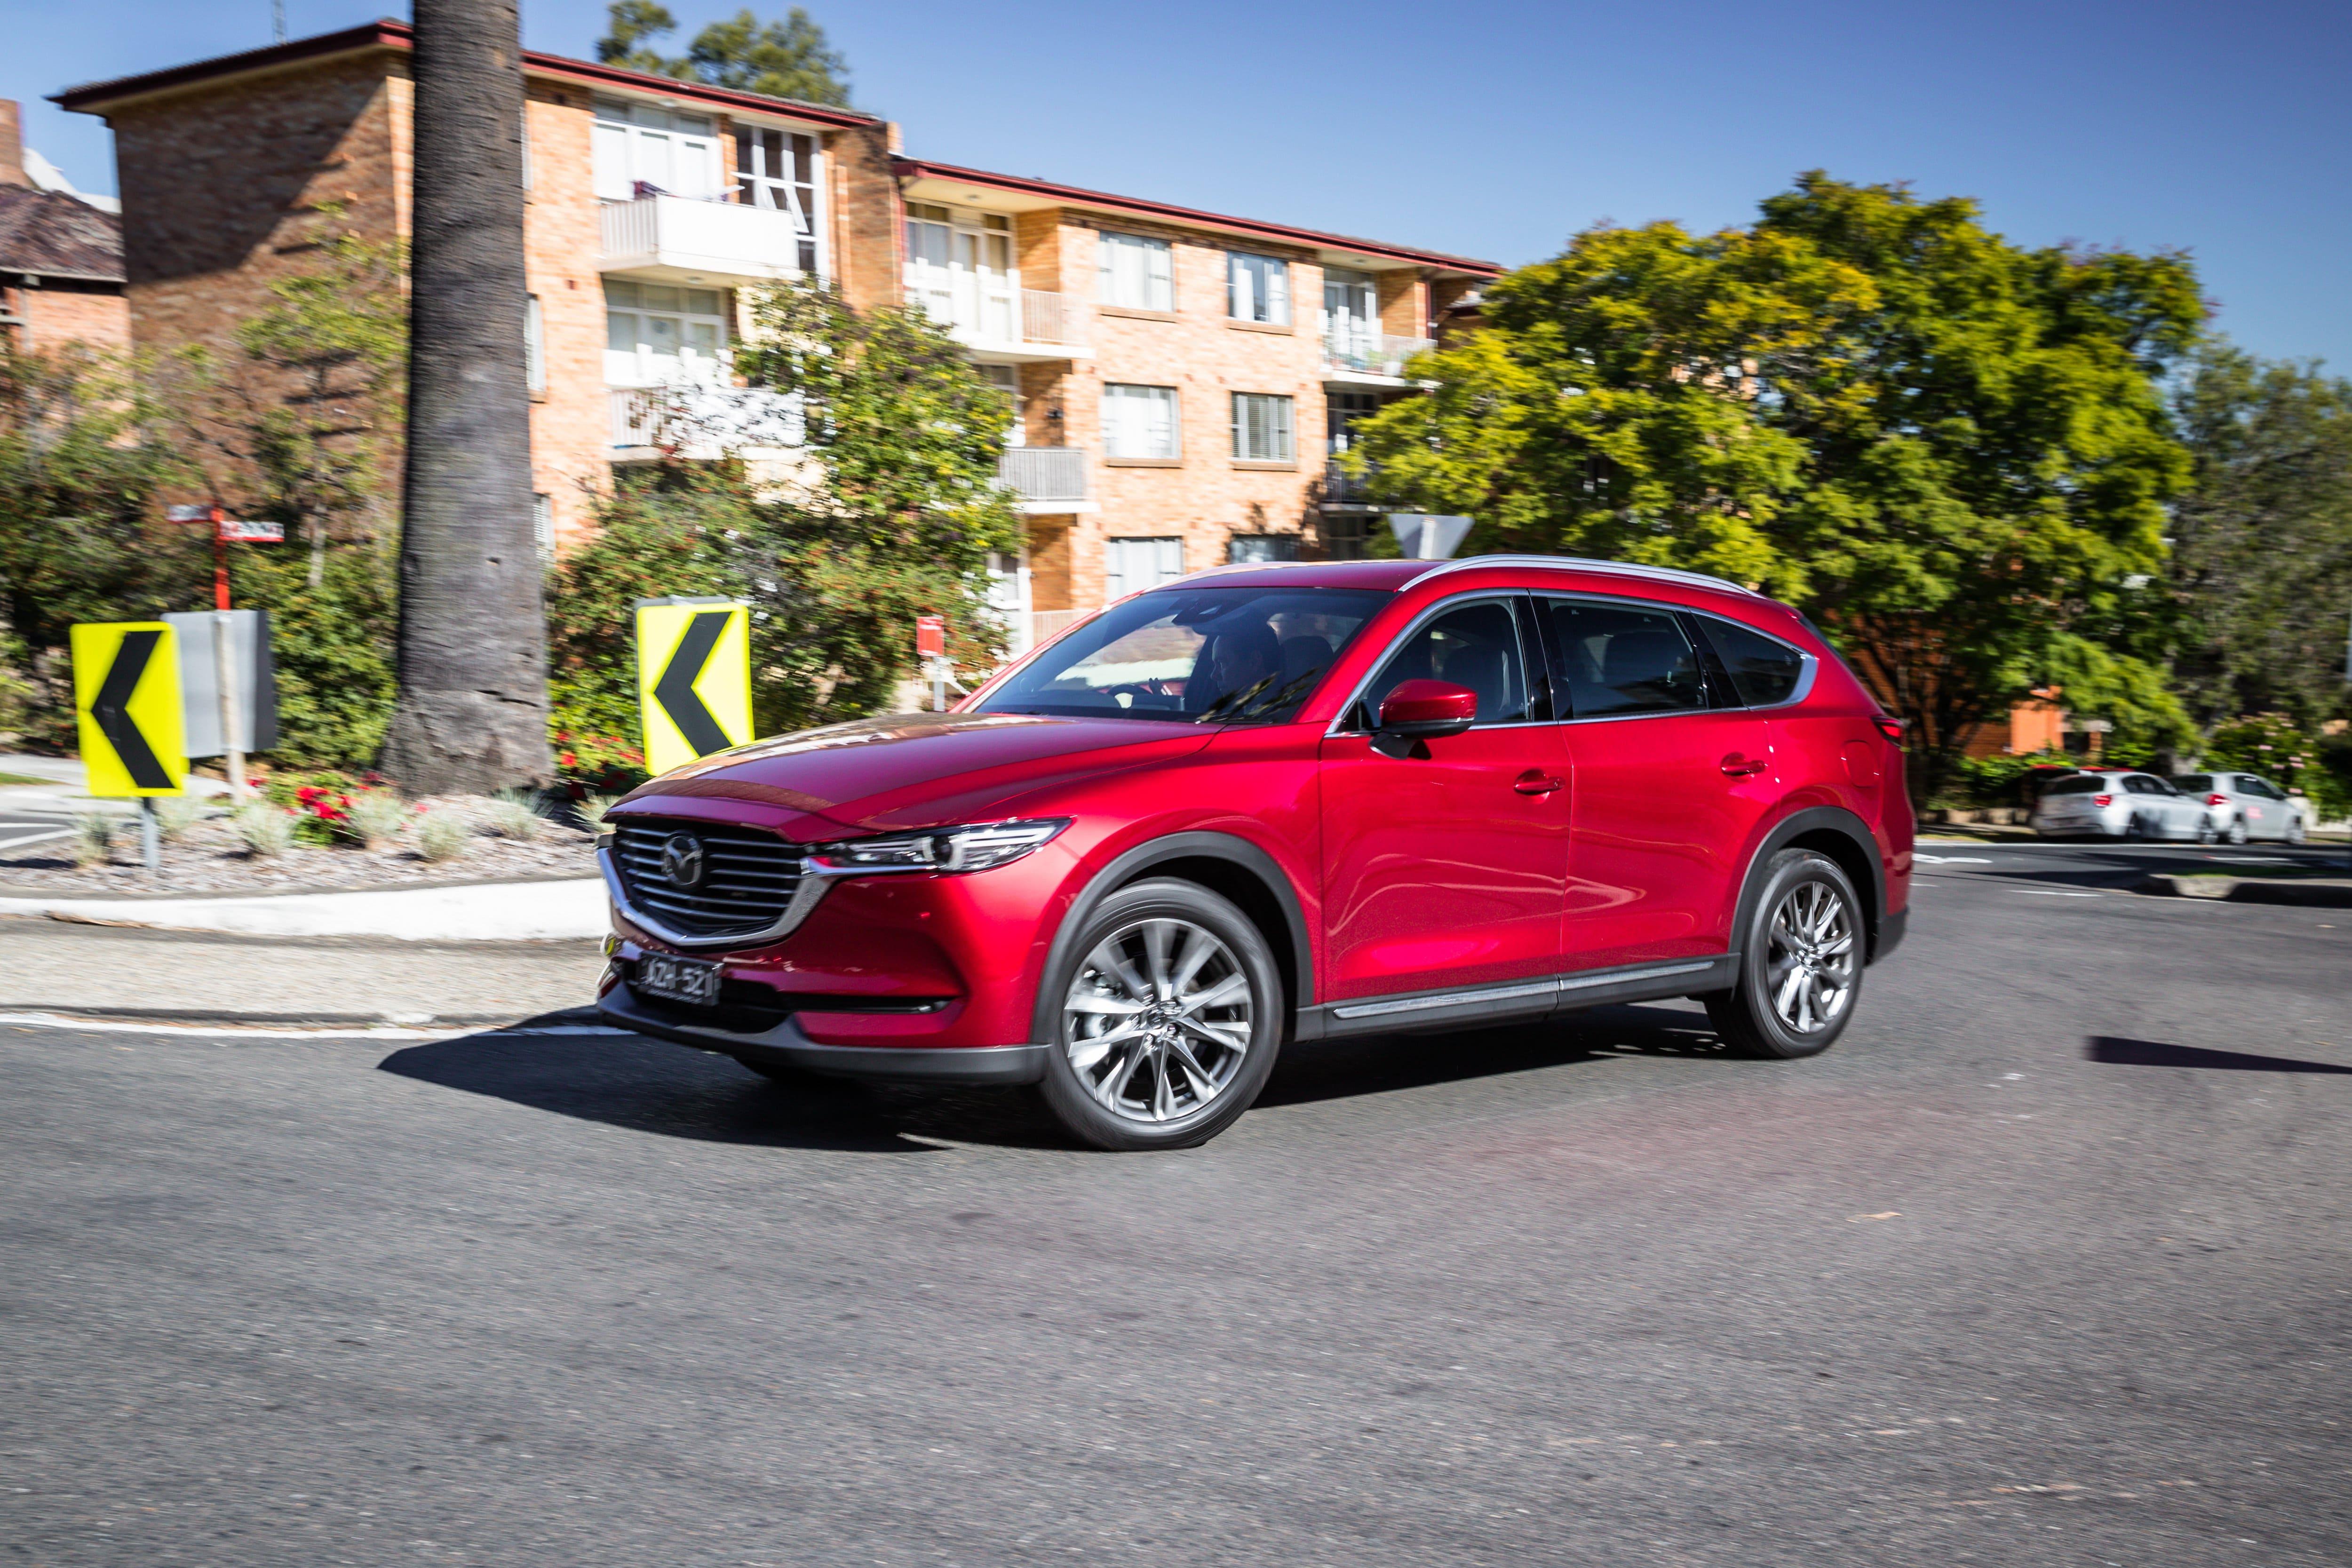 2019 Mazda CX-8 Asaki review